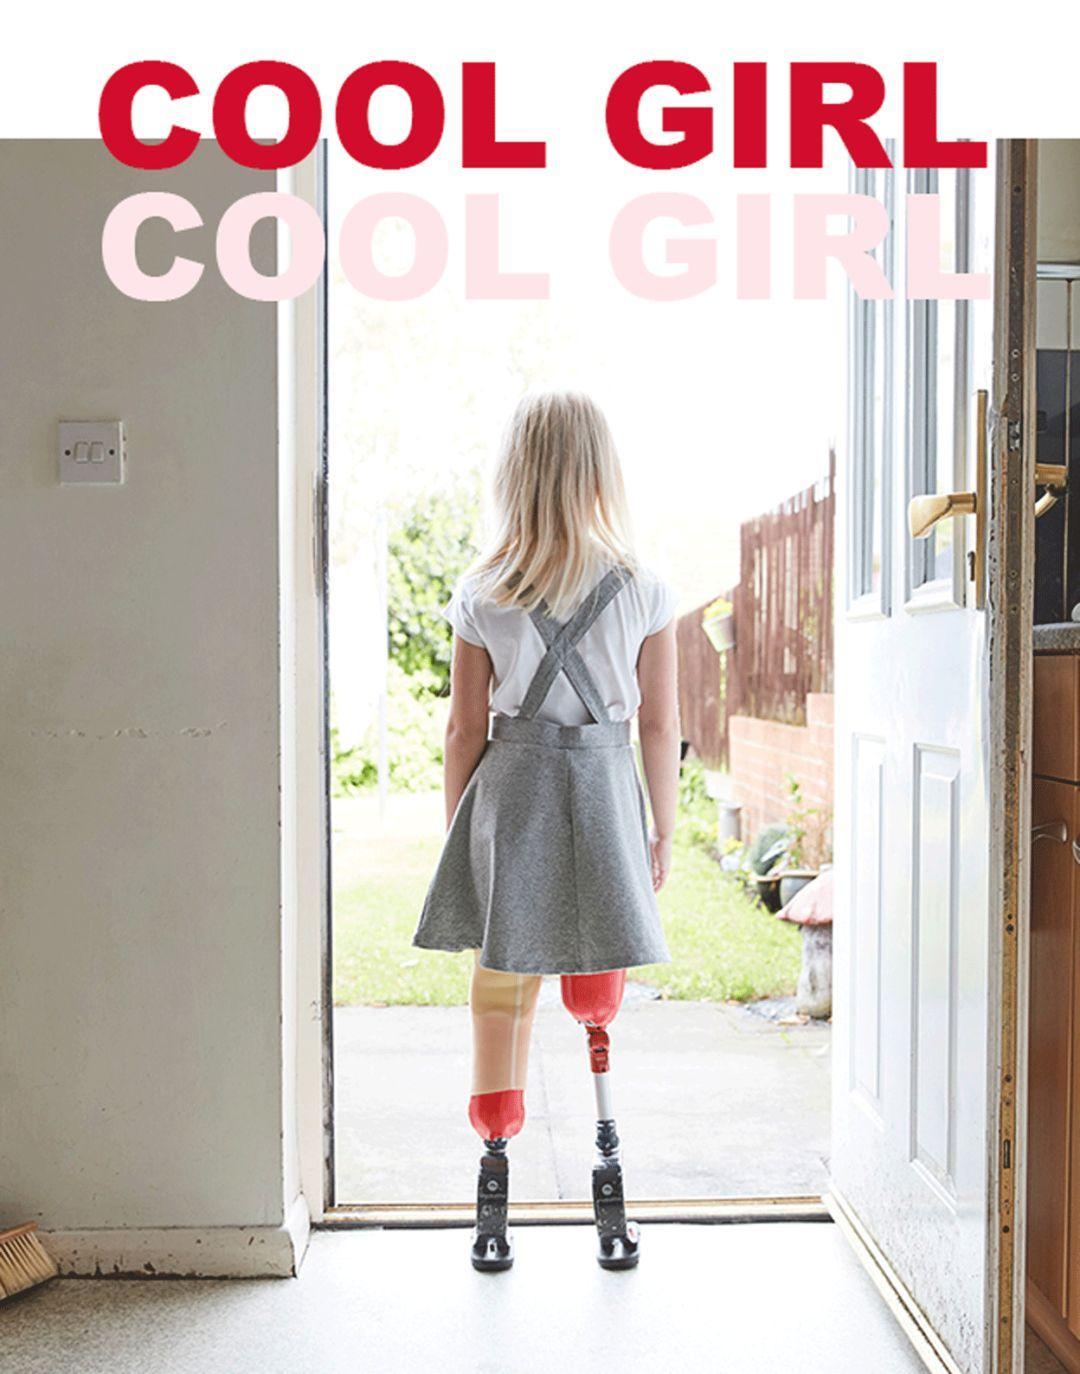 失去双腿却惊艳纽约时装周,这位9岁少女告诉我们:I AM FEARLESS